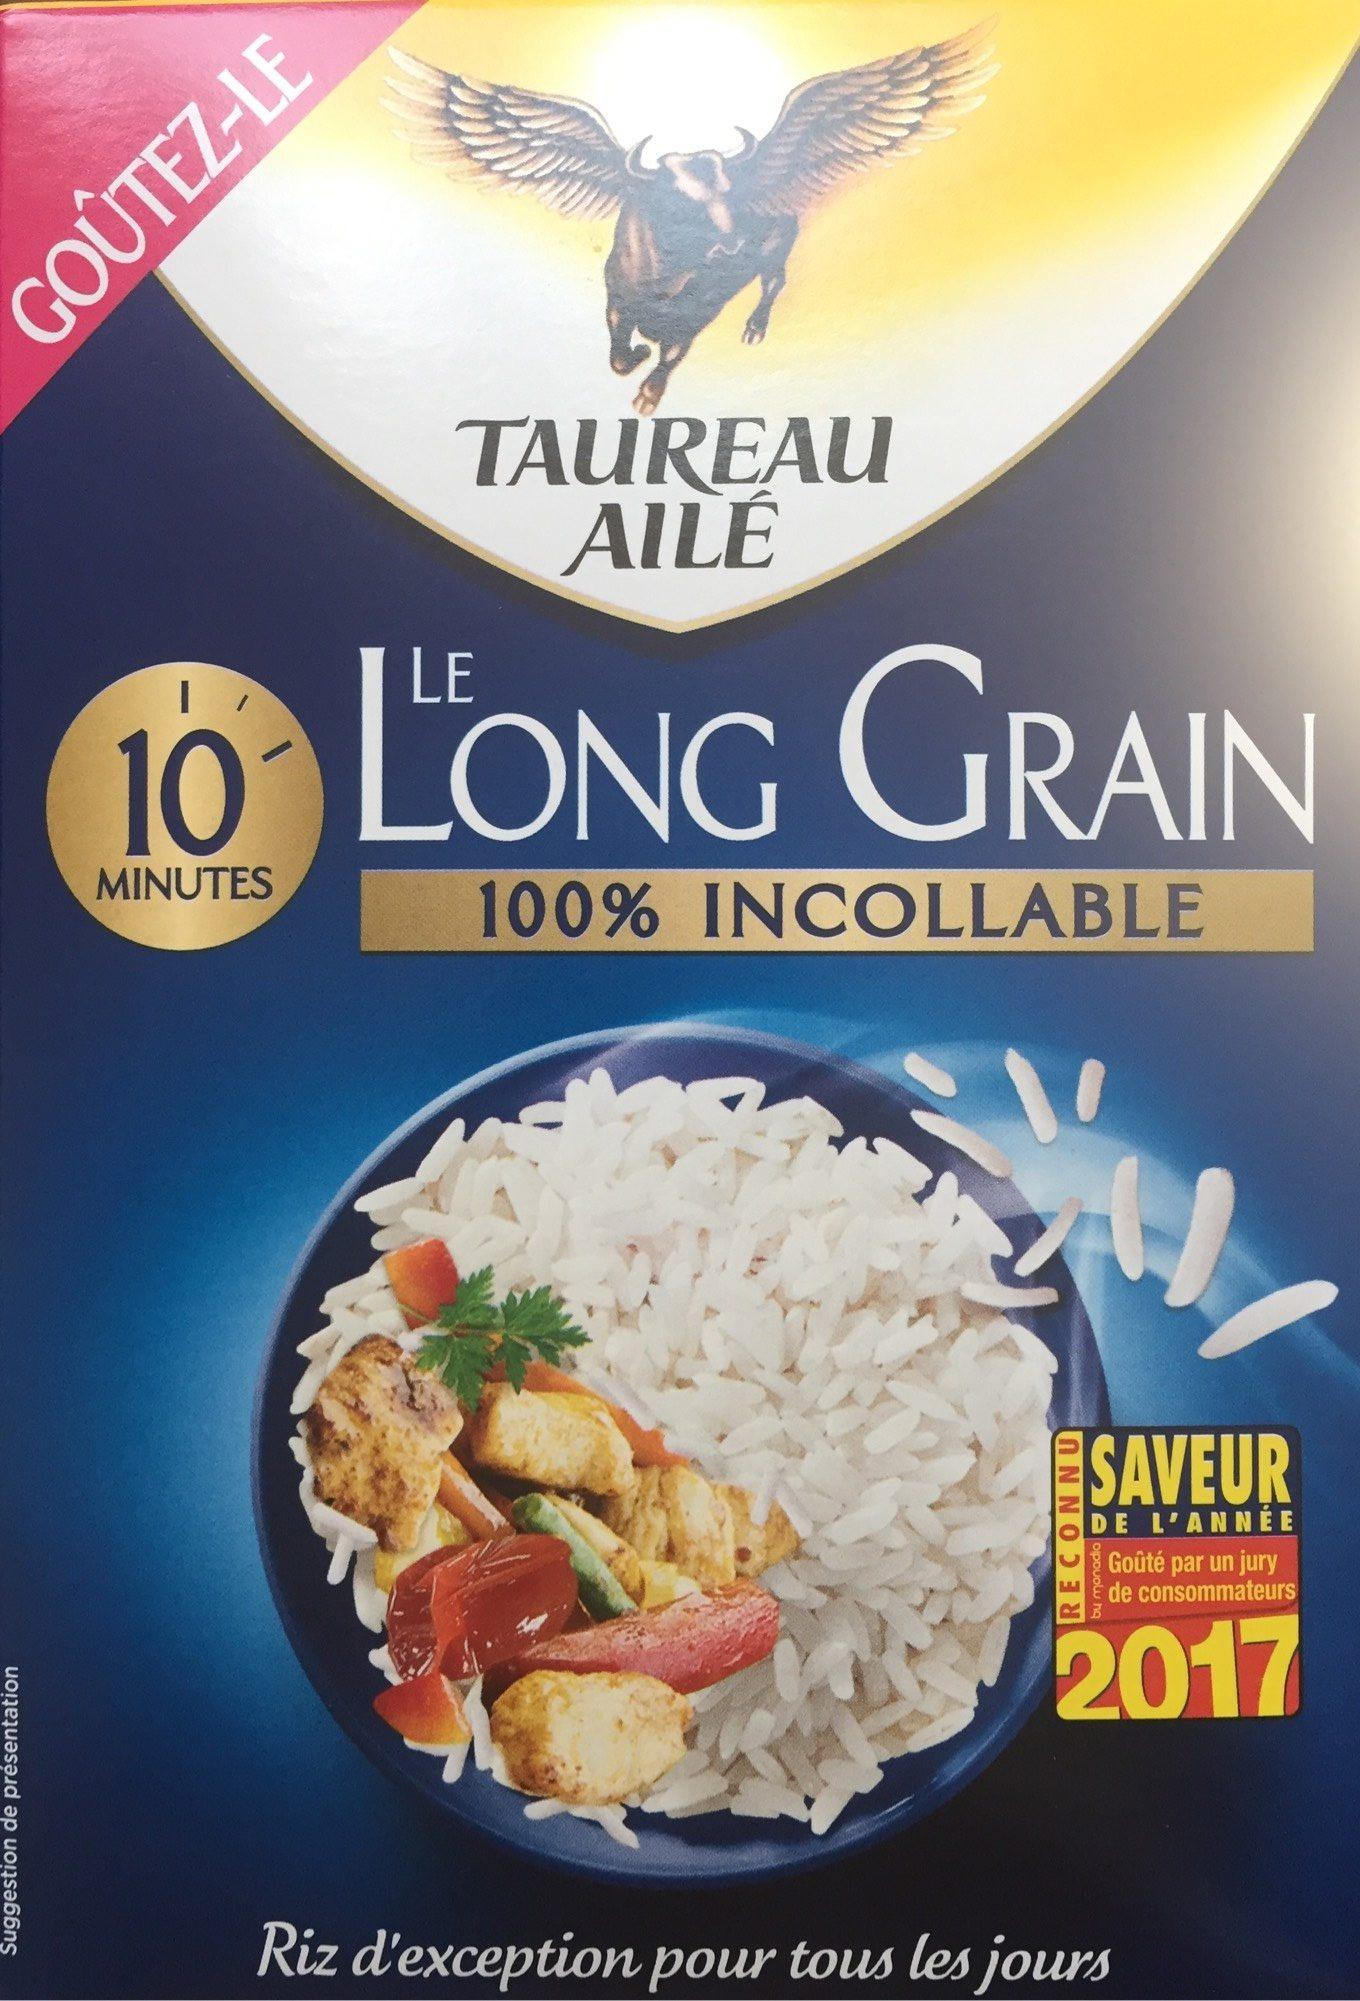 Riz Le long grain d'exception 100% incollable - Produit - fr